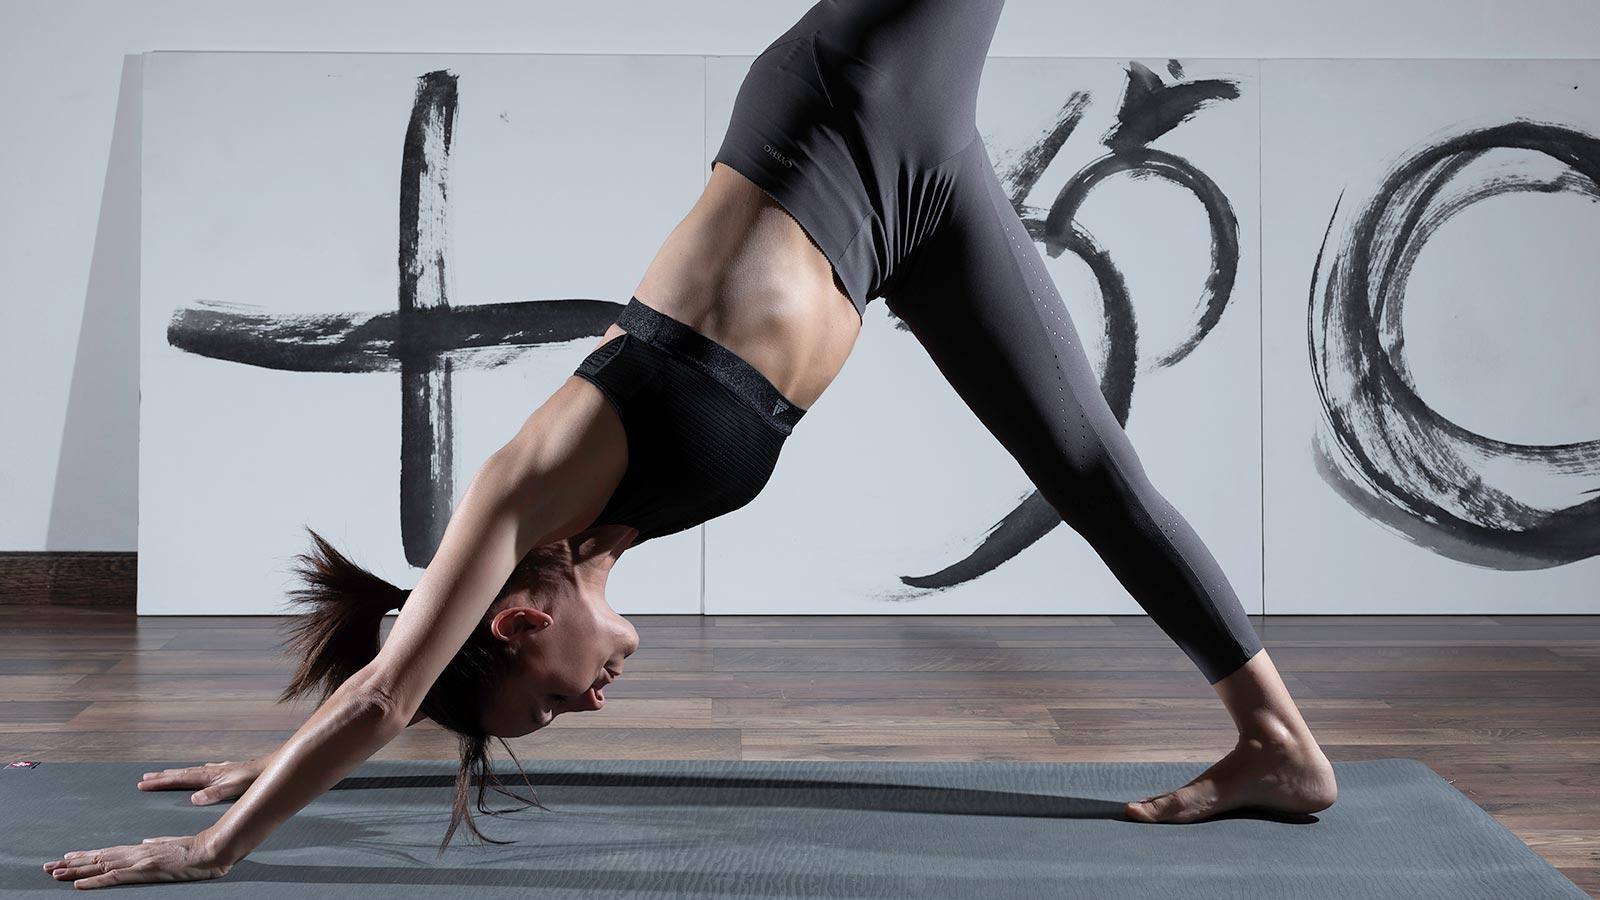 Corsi di Yoga a Bolzano - Yoga Lab